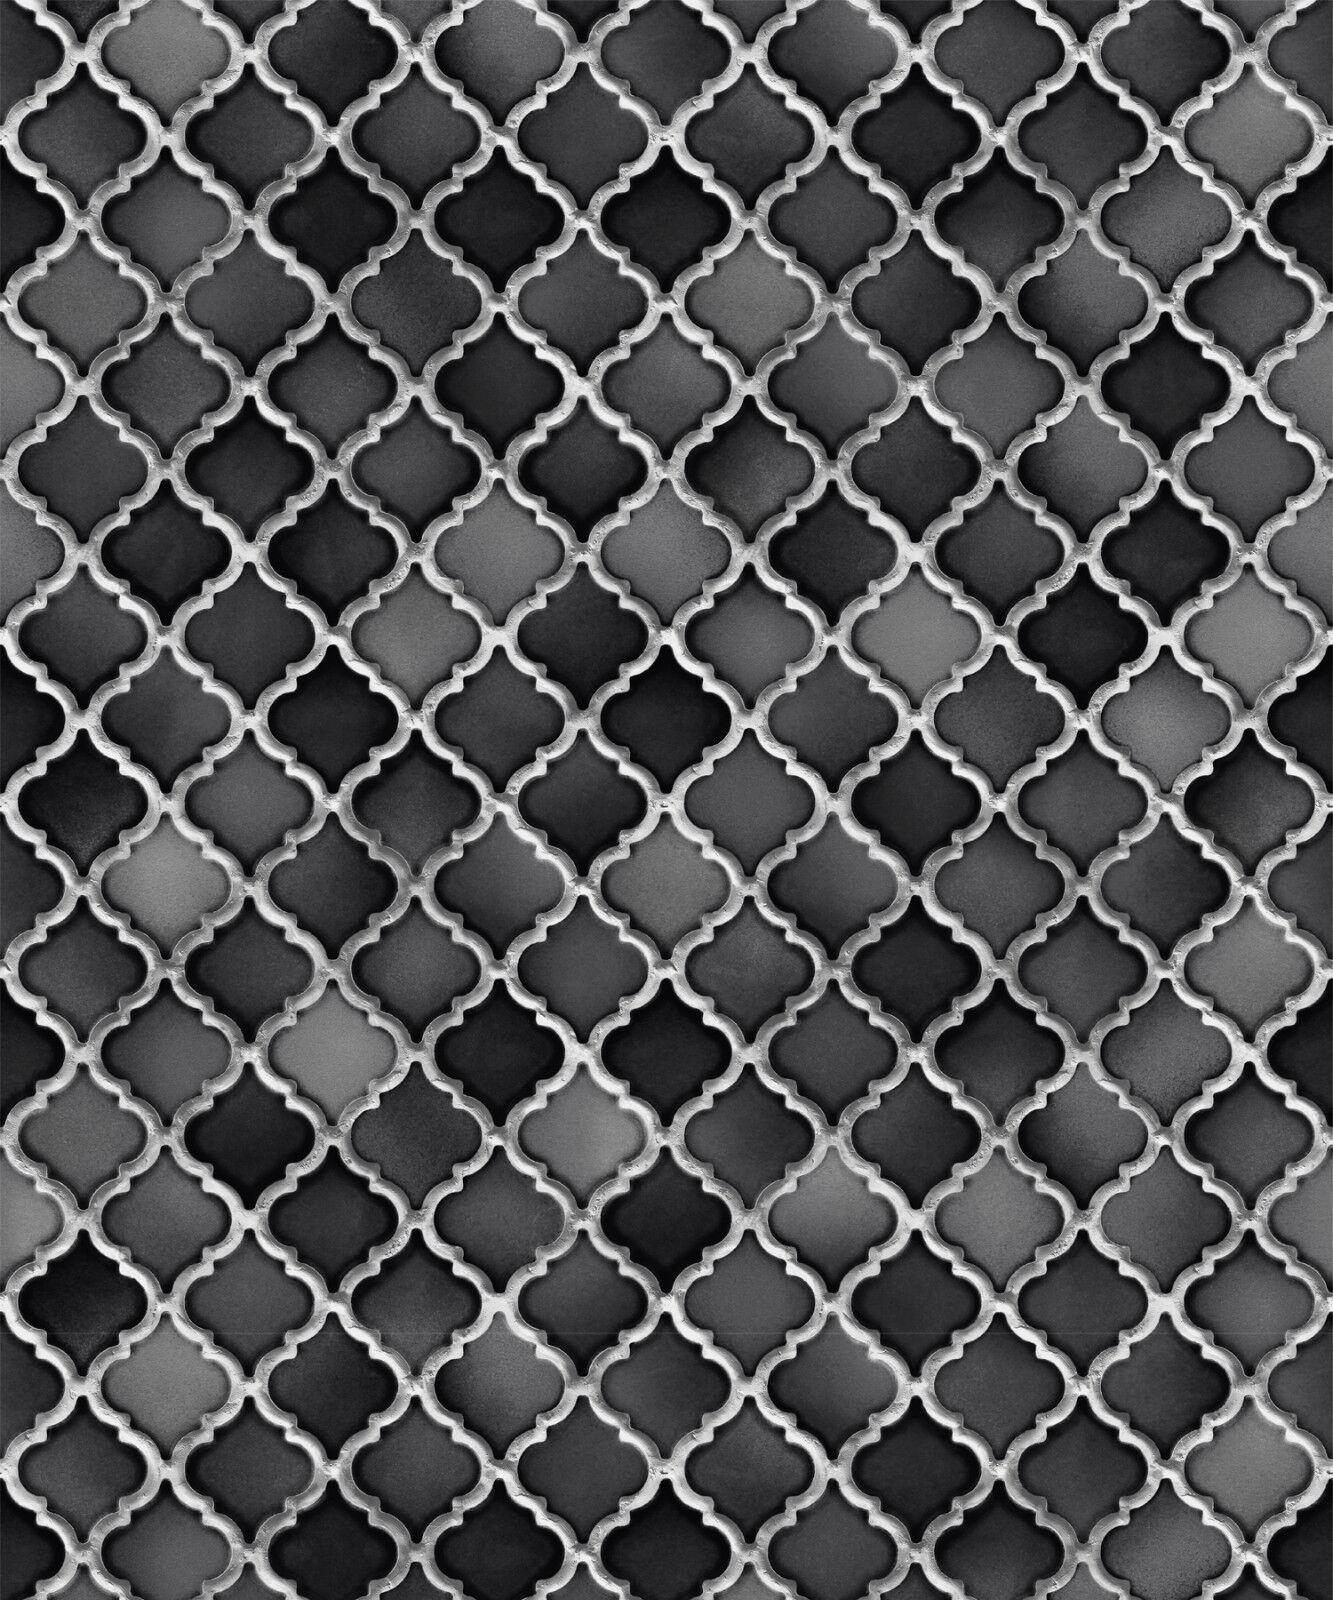 Vlies Tapete Stein Keramik Mosaik Fliesen Florentiner Optik Schwarz - Florentiner fliesen